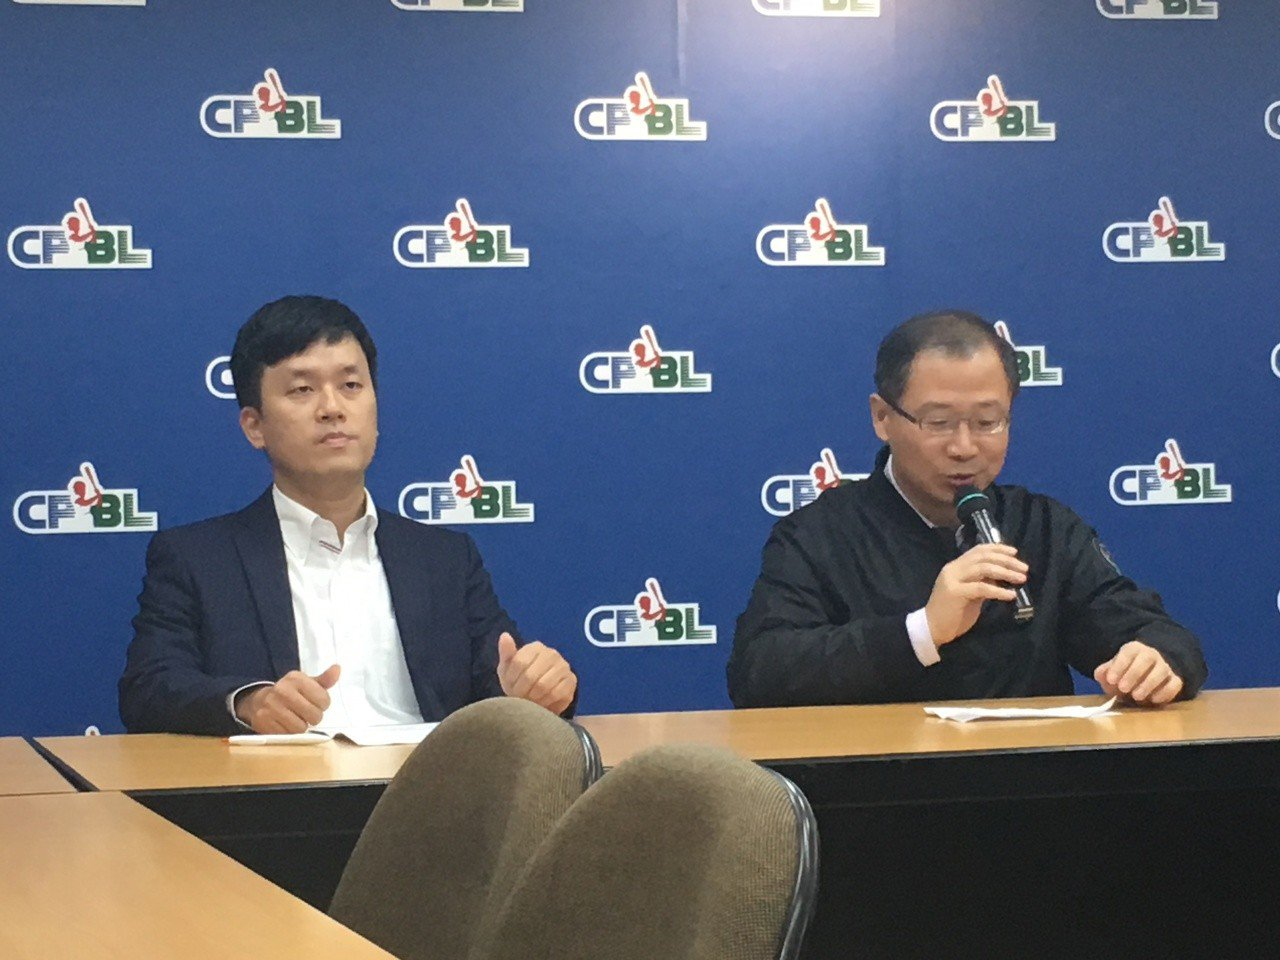 猿隊領隊劉玠廷(左)所說的「台版入札制度」,在聯盟規章之中還沒有正式的條文列入。...